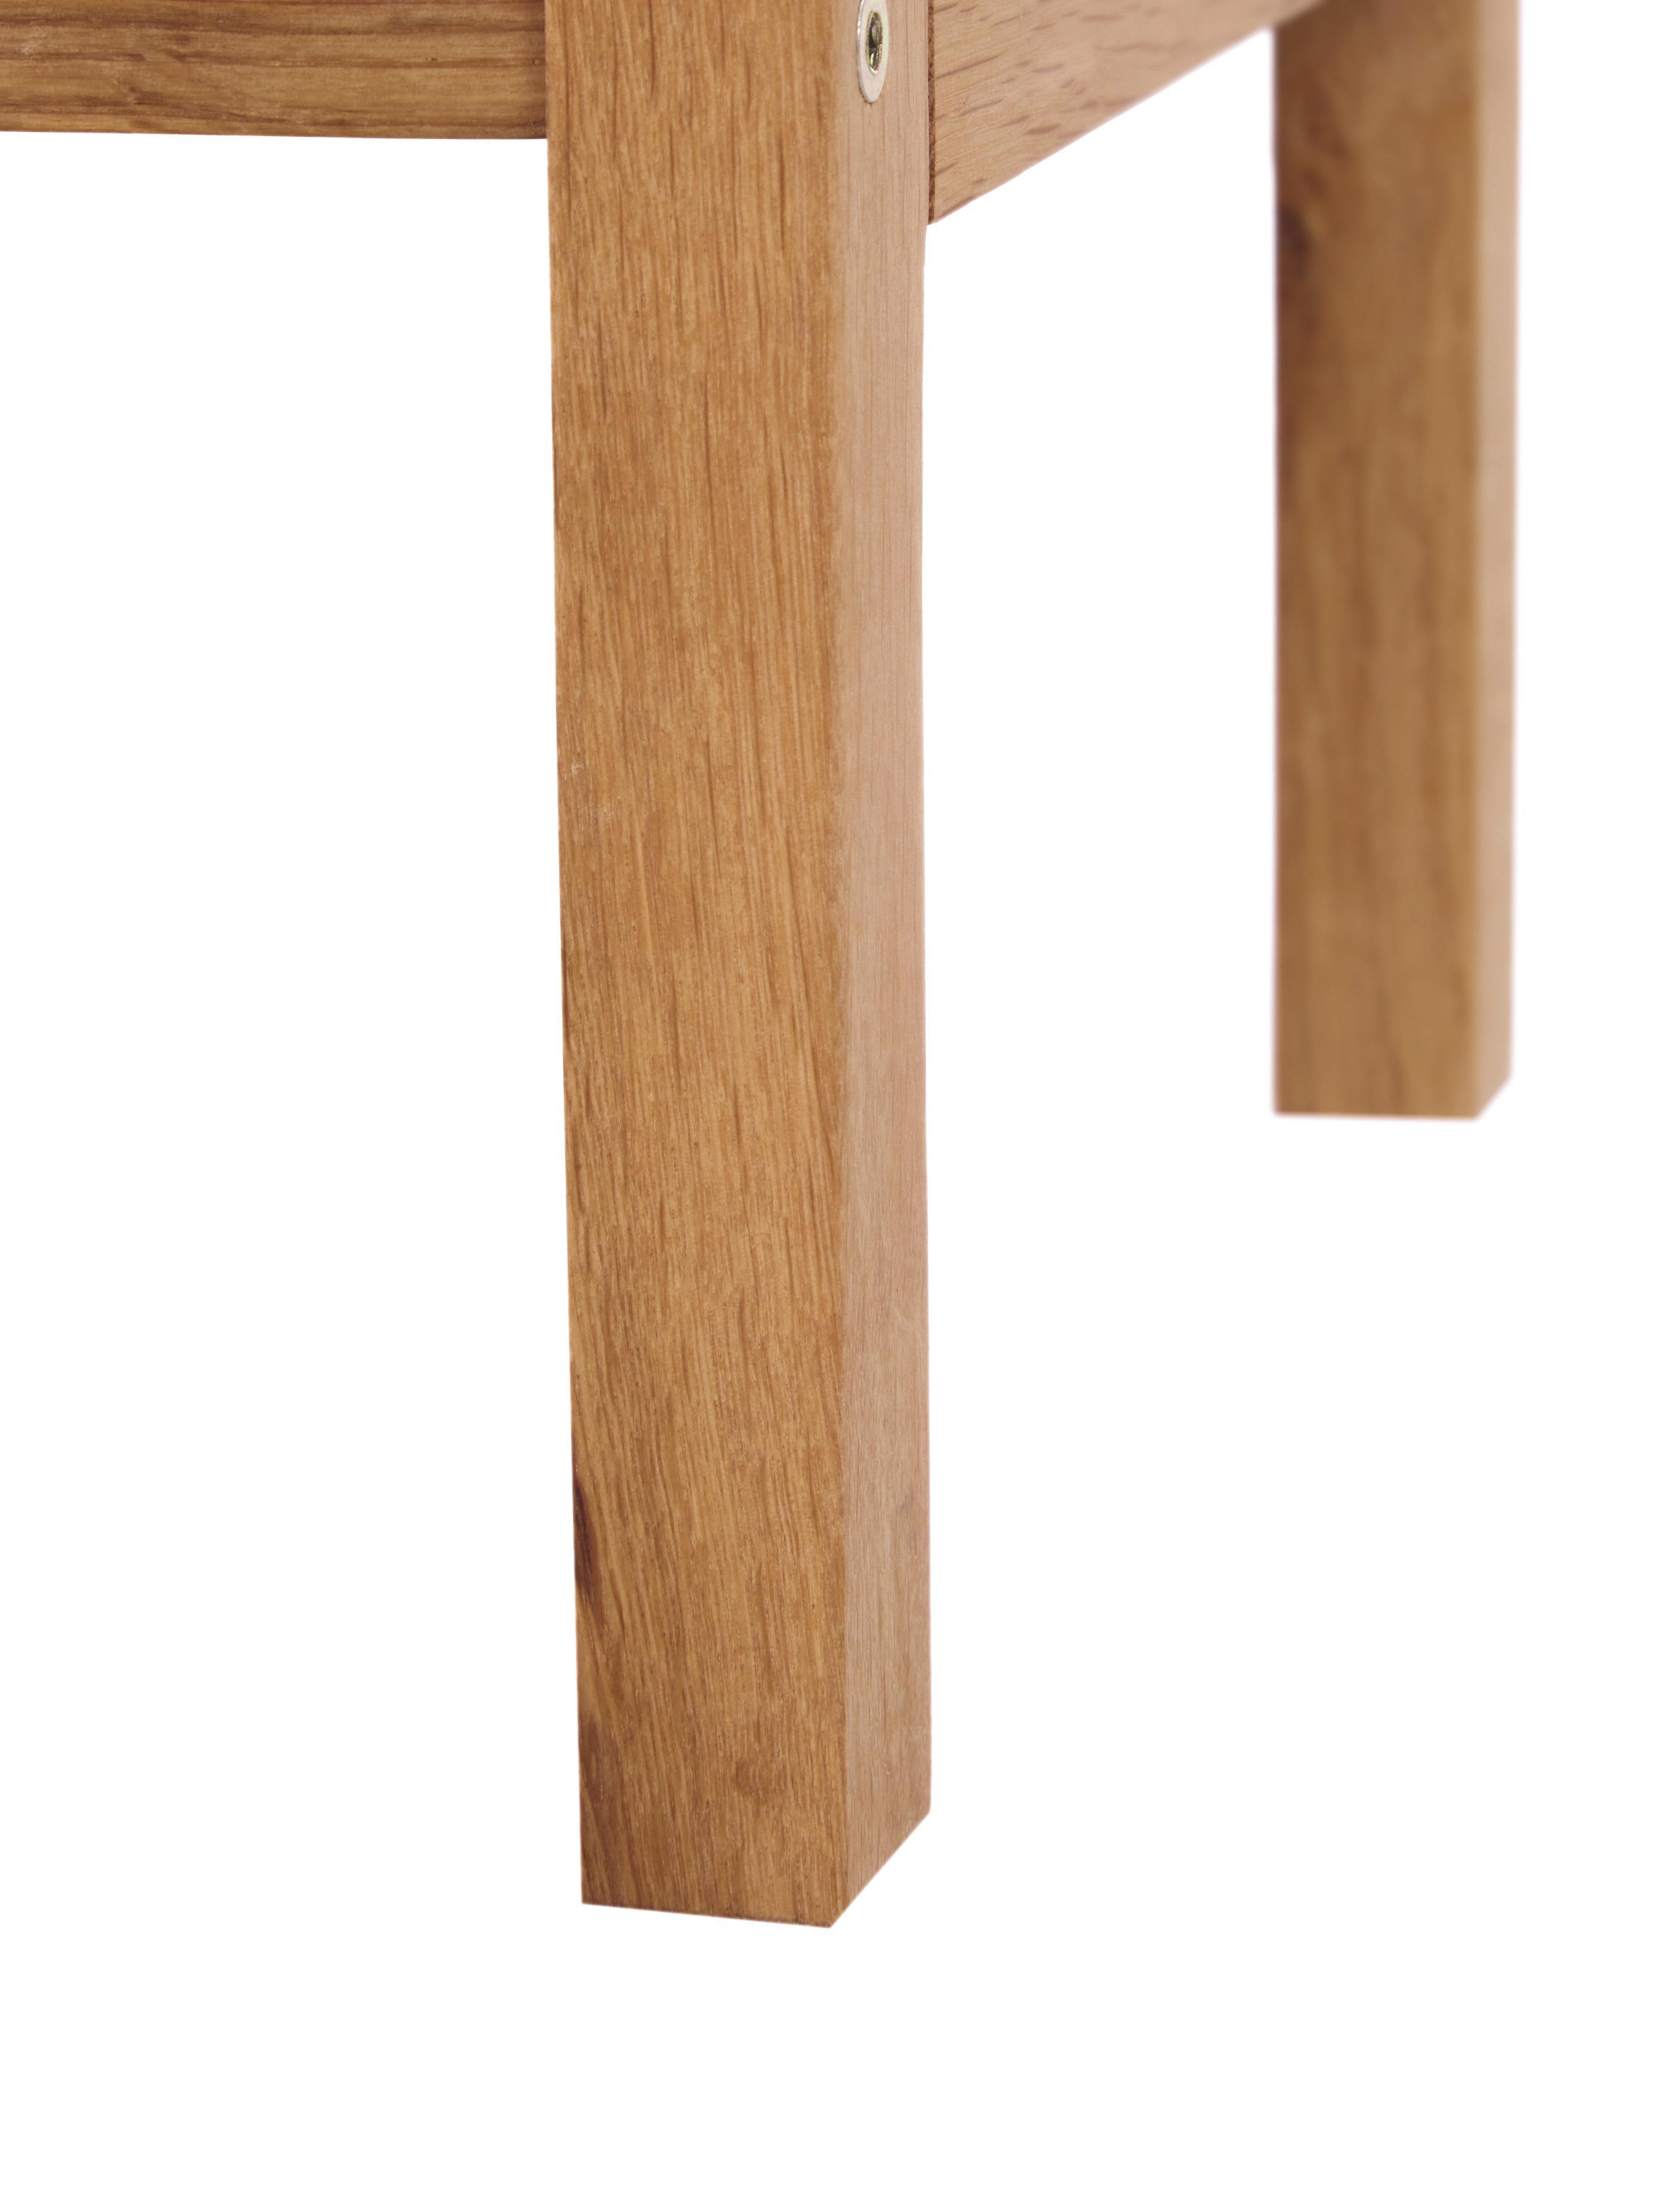 Holz-Schuhregal Confetti mit 2 Ablageflächen, Eichenholz, lackiert, Braun, 80 x 40 cm